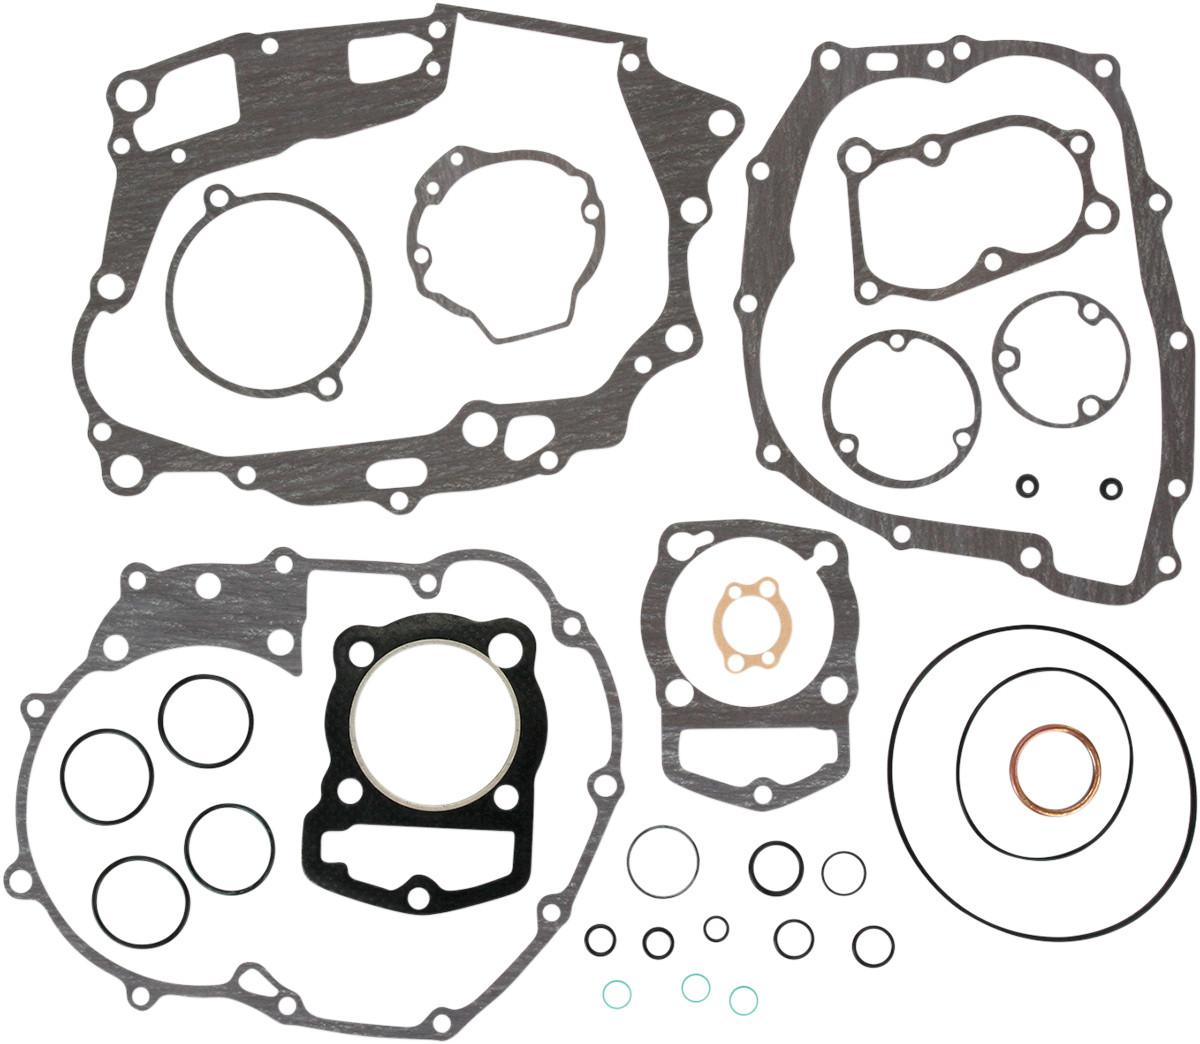 Vesrah Complete Engine Gasket Kit Set for Honda ATC 200 S